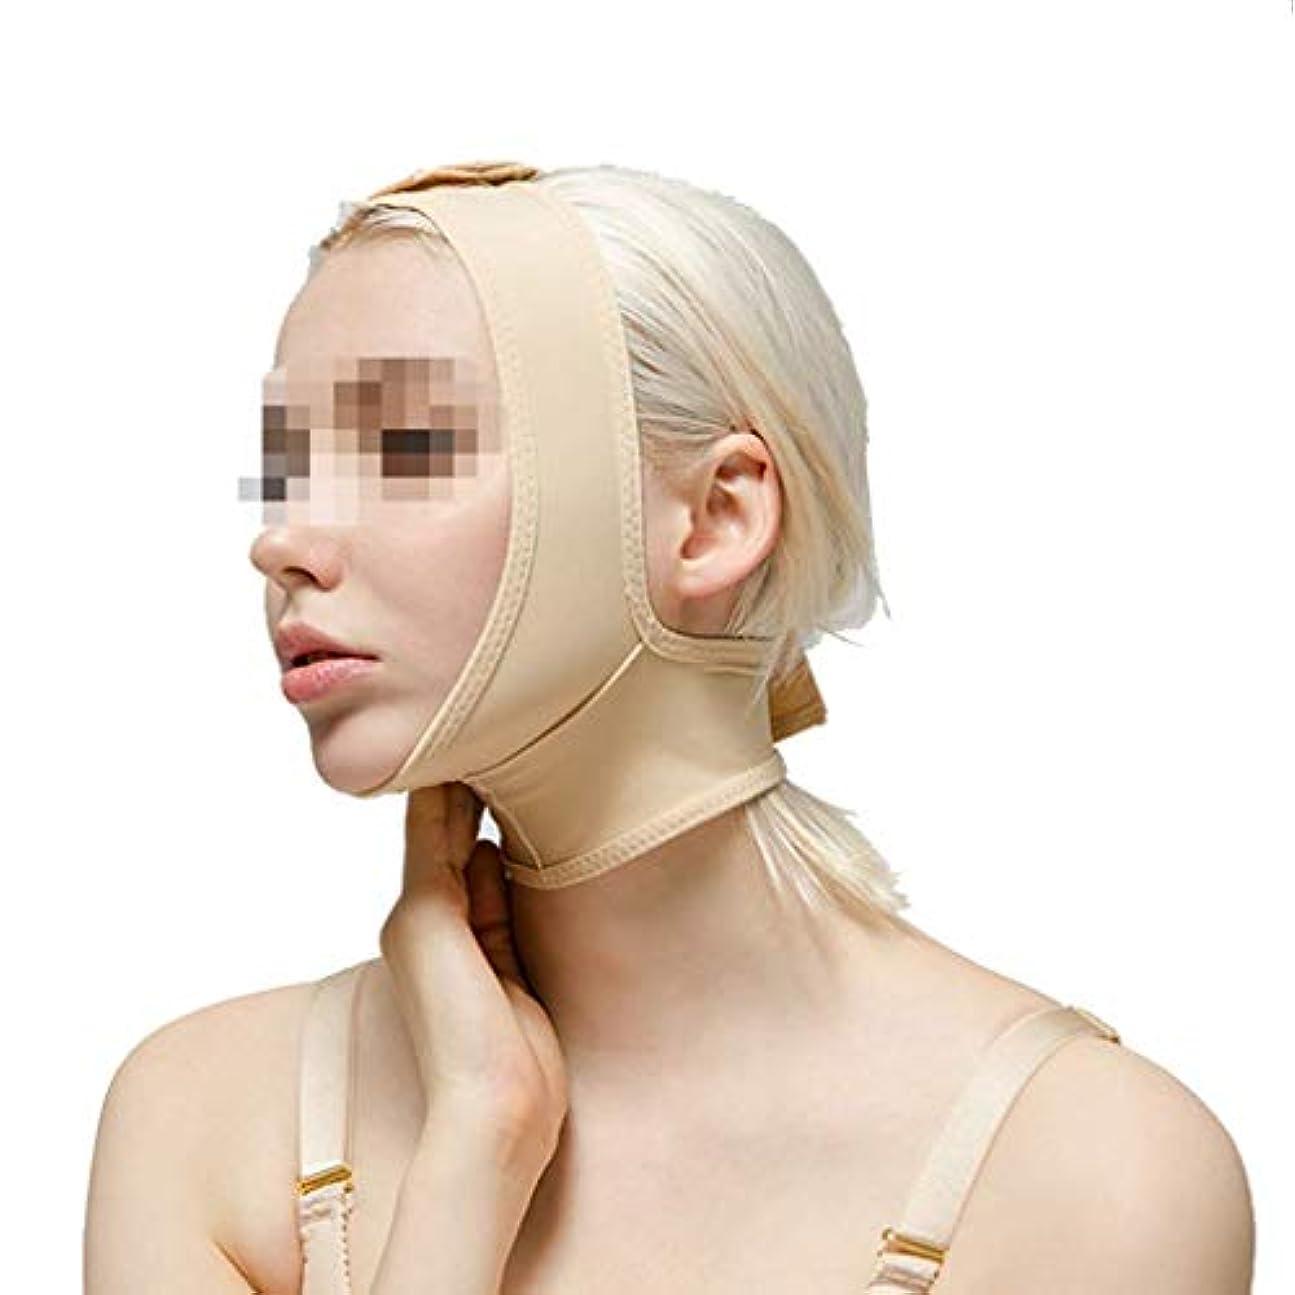 精査する義務付けられた破壊的術後弾性スリーブ、下顎バンドルフェイスバンデージフェイシャルビームダブルチンシンフェイスマスクマルチサイズオプション(サイズ:XXL)